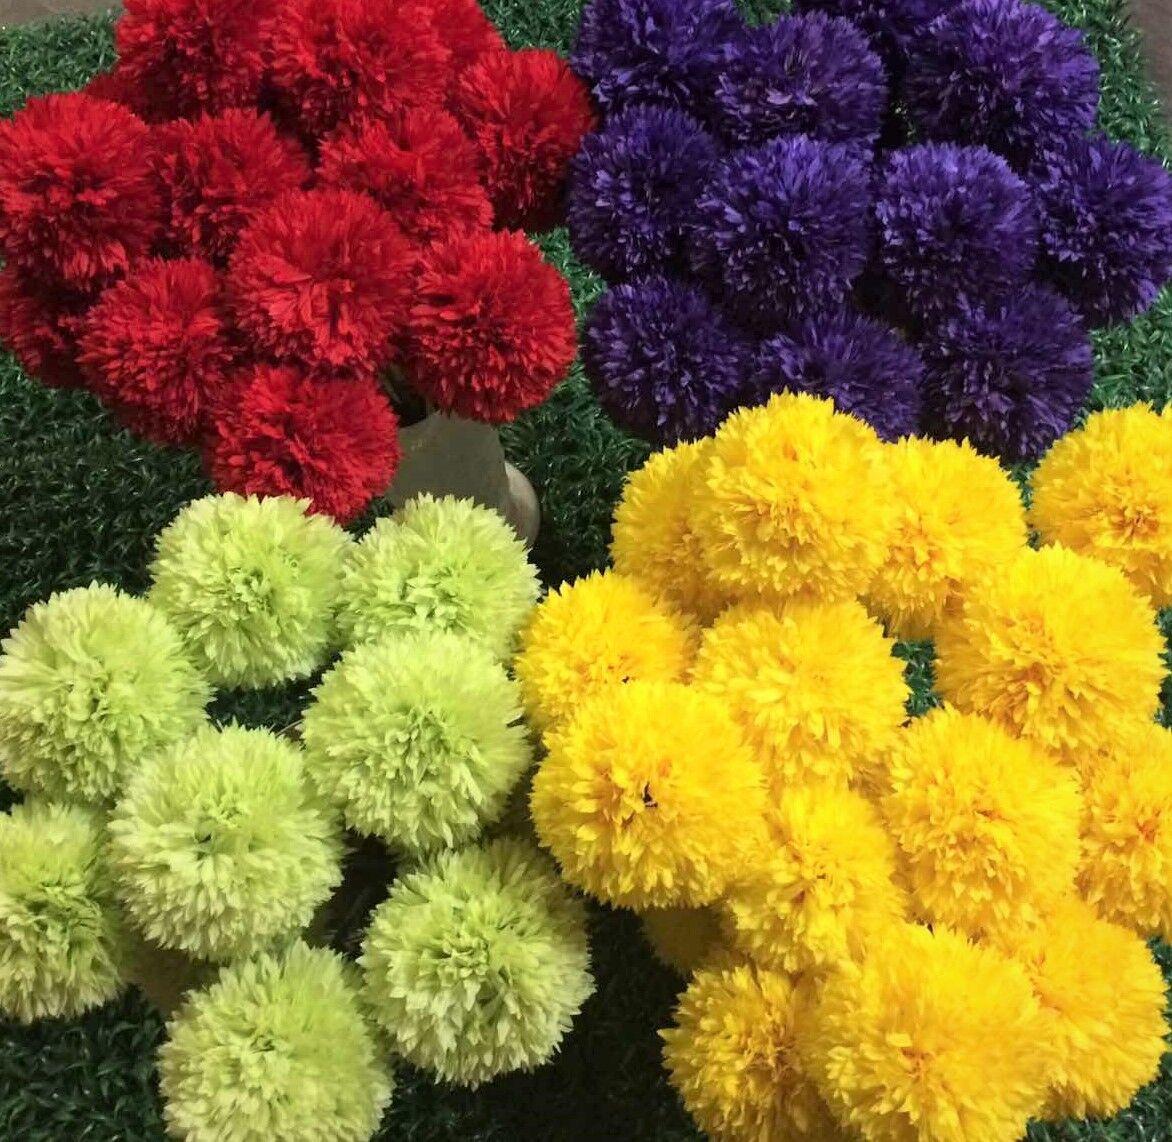 Artificial Allium flower ball wedding home decor joblot wholesale 24 stems bulk